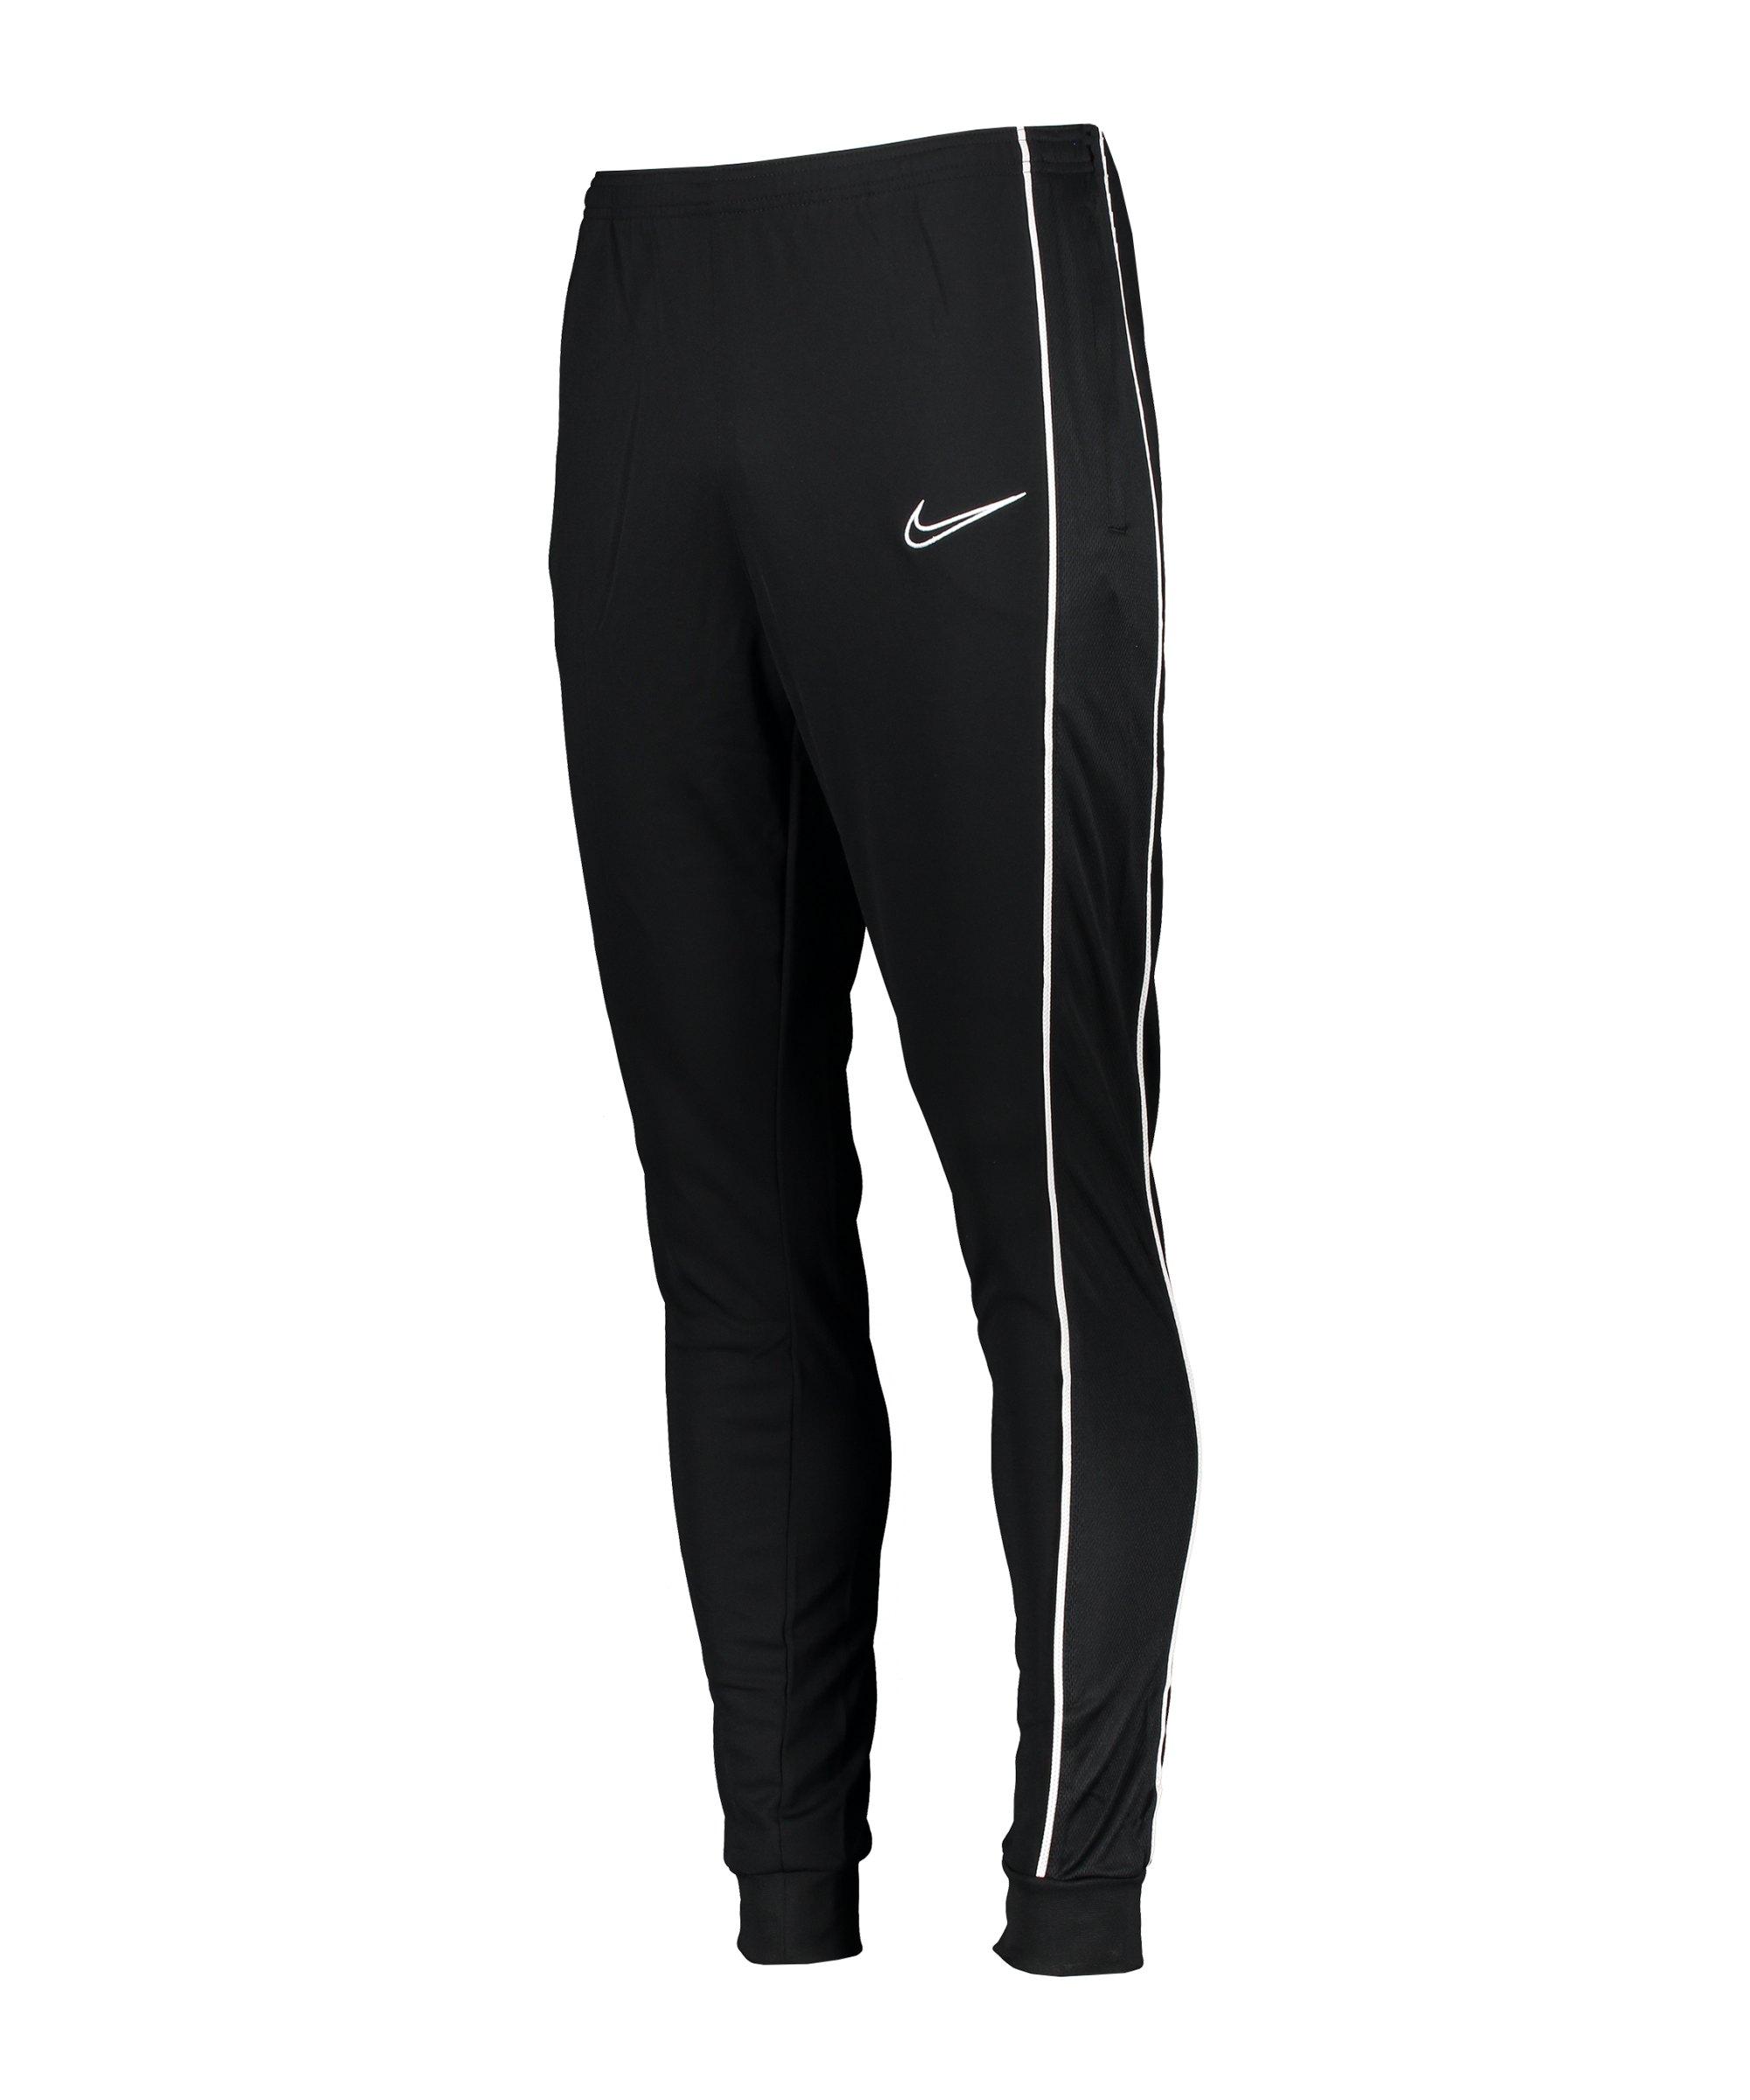 Nike Academy Dri-FIT Trainingshose Schwarz F010 - schwarz